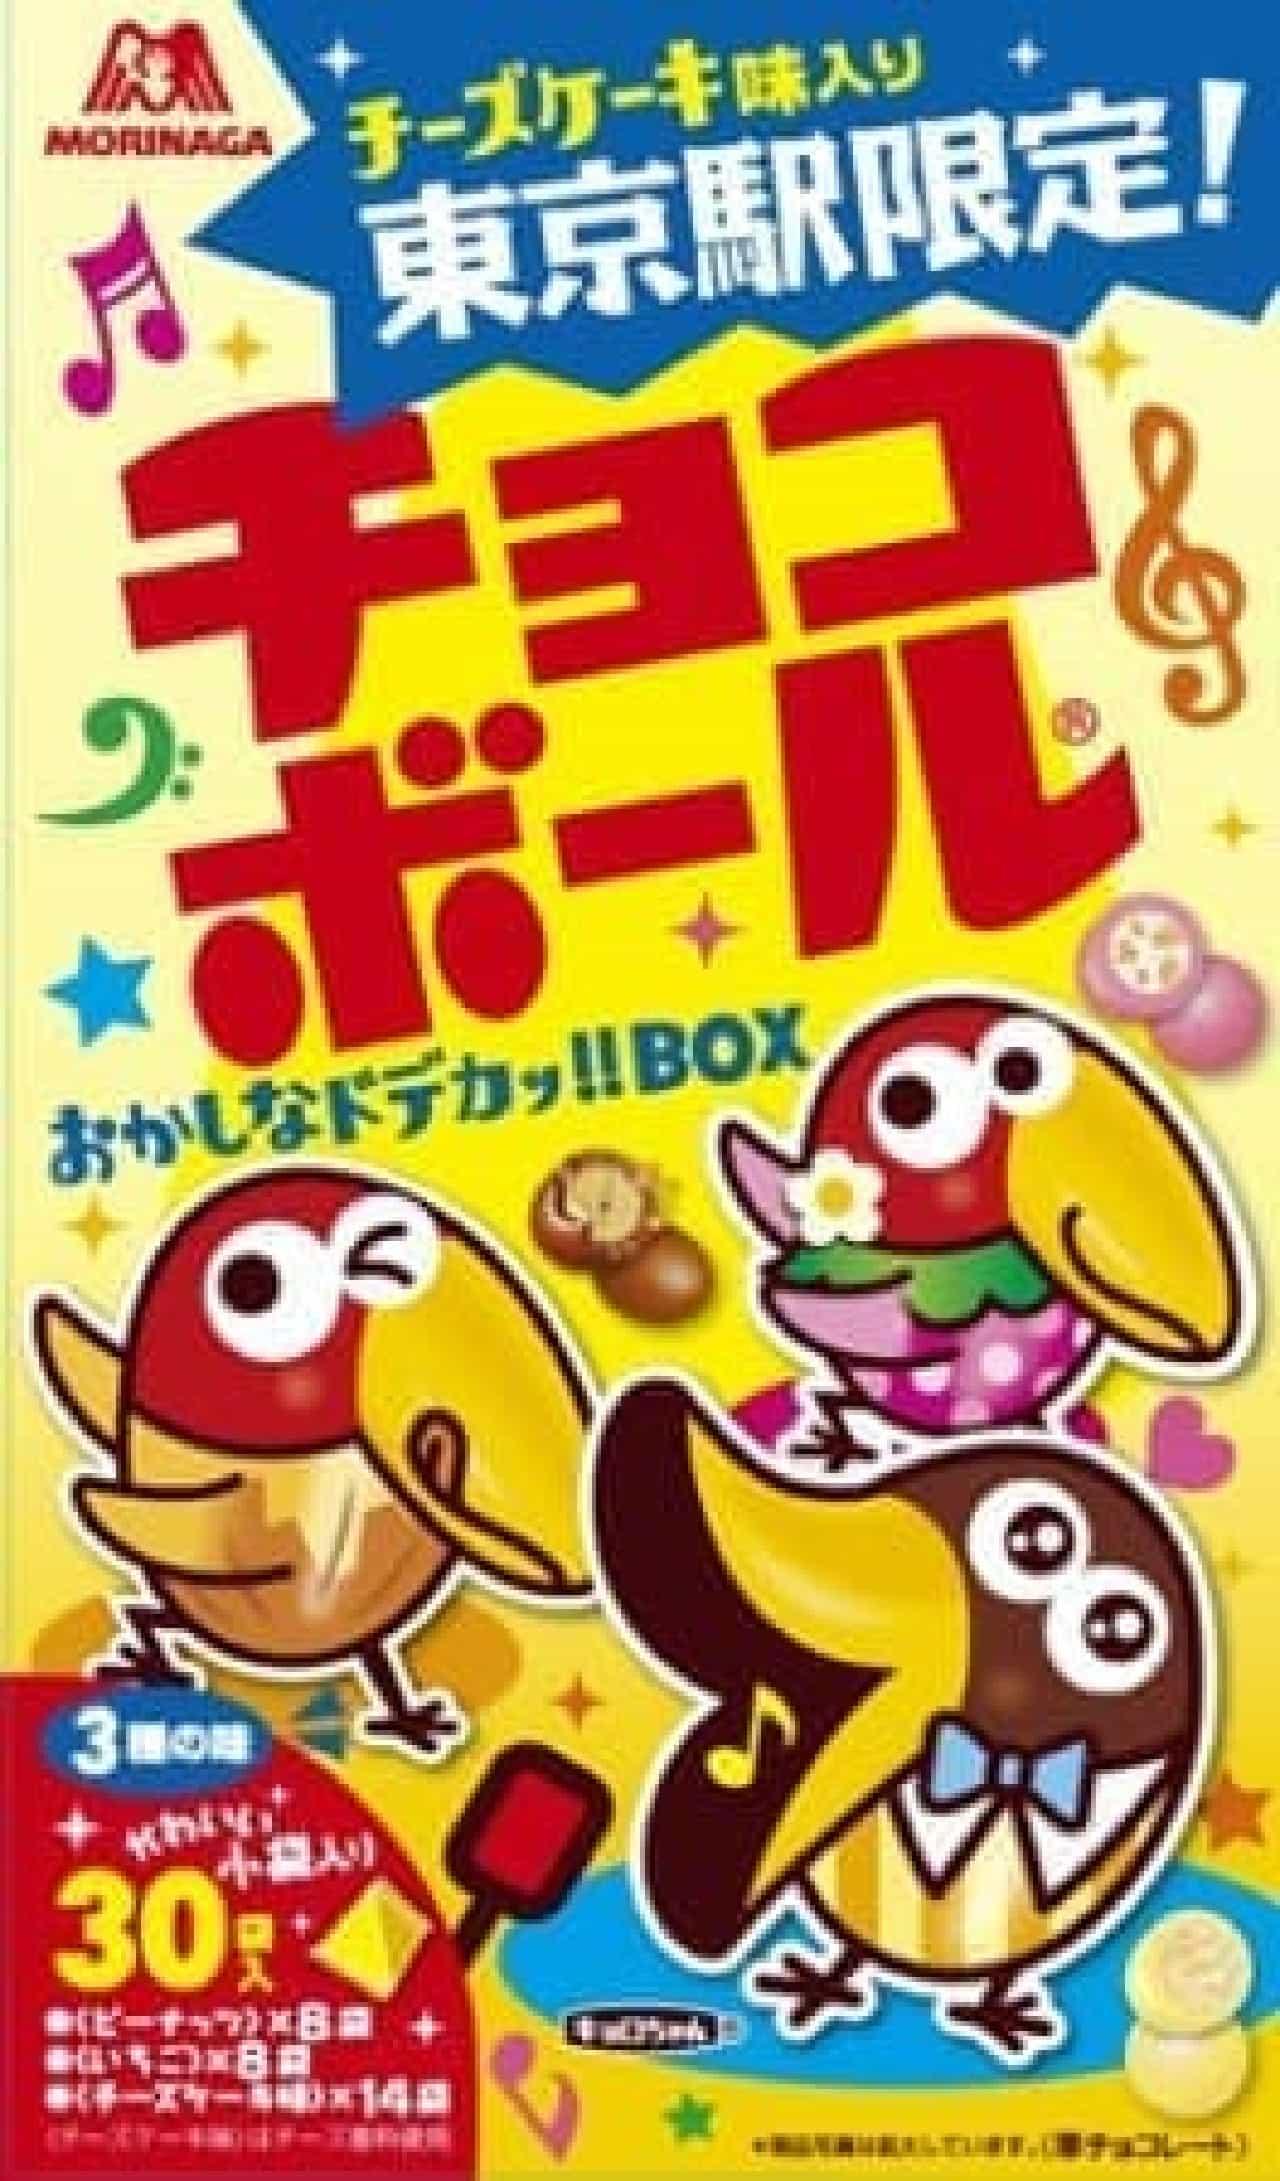 """通常の30倍ある""""ドデカッ!! BOX""""のチョコボール発売"""